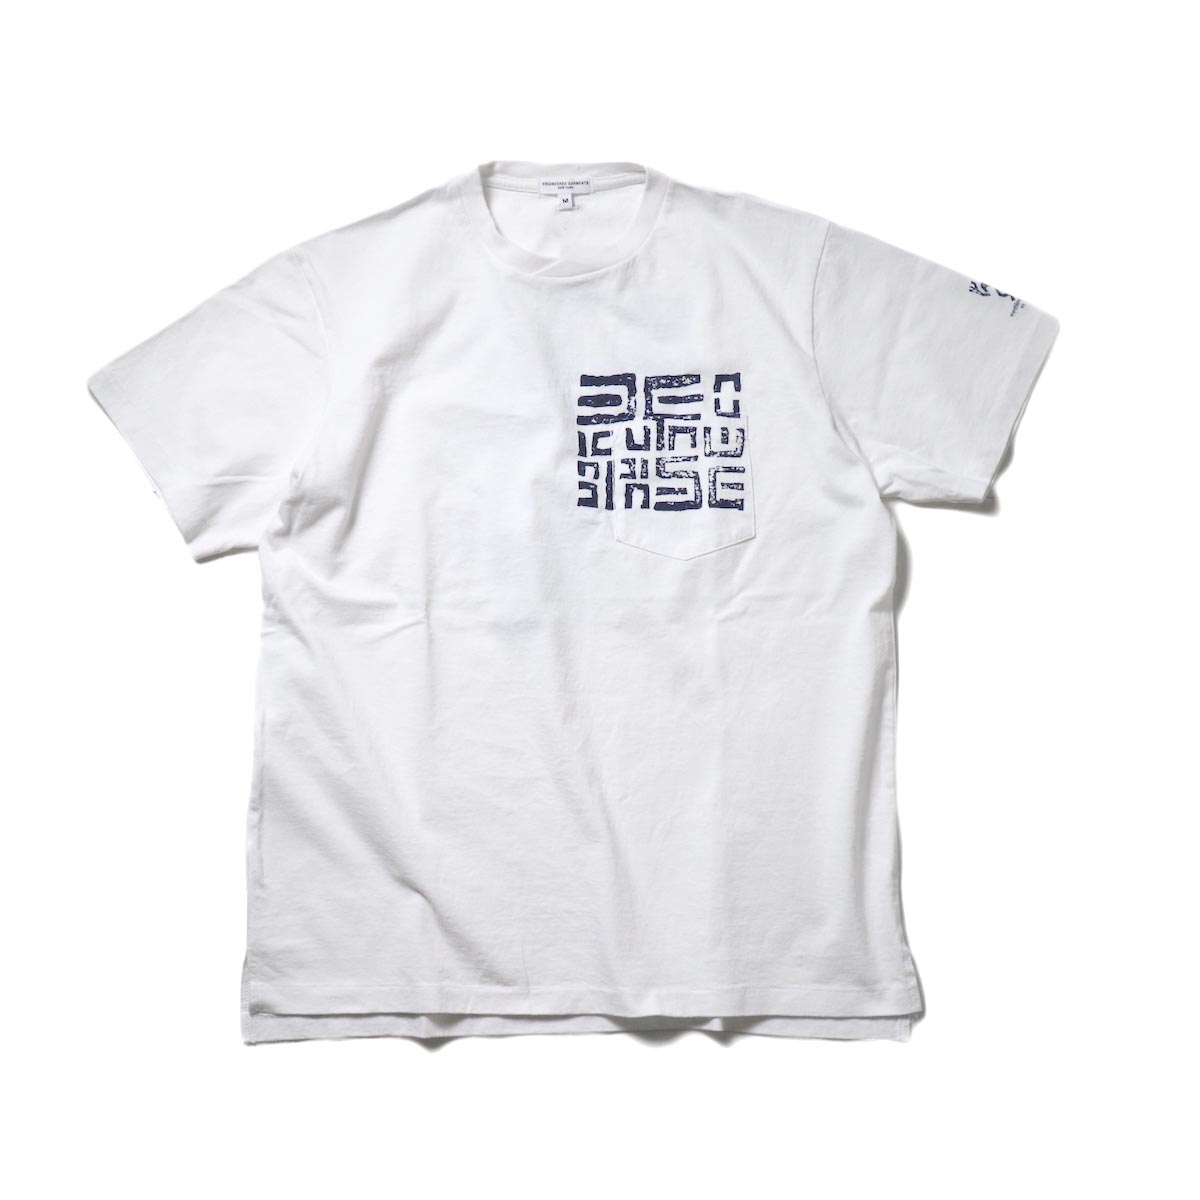 Engineered Garments / Printed Cross Crew Neck T-shirt -Square Geo (White)